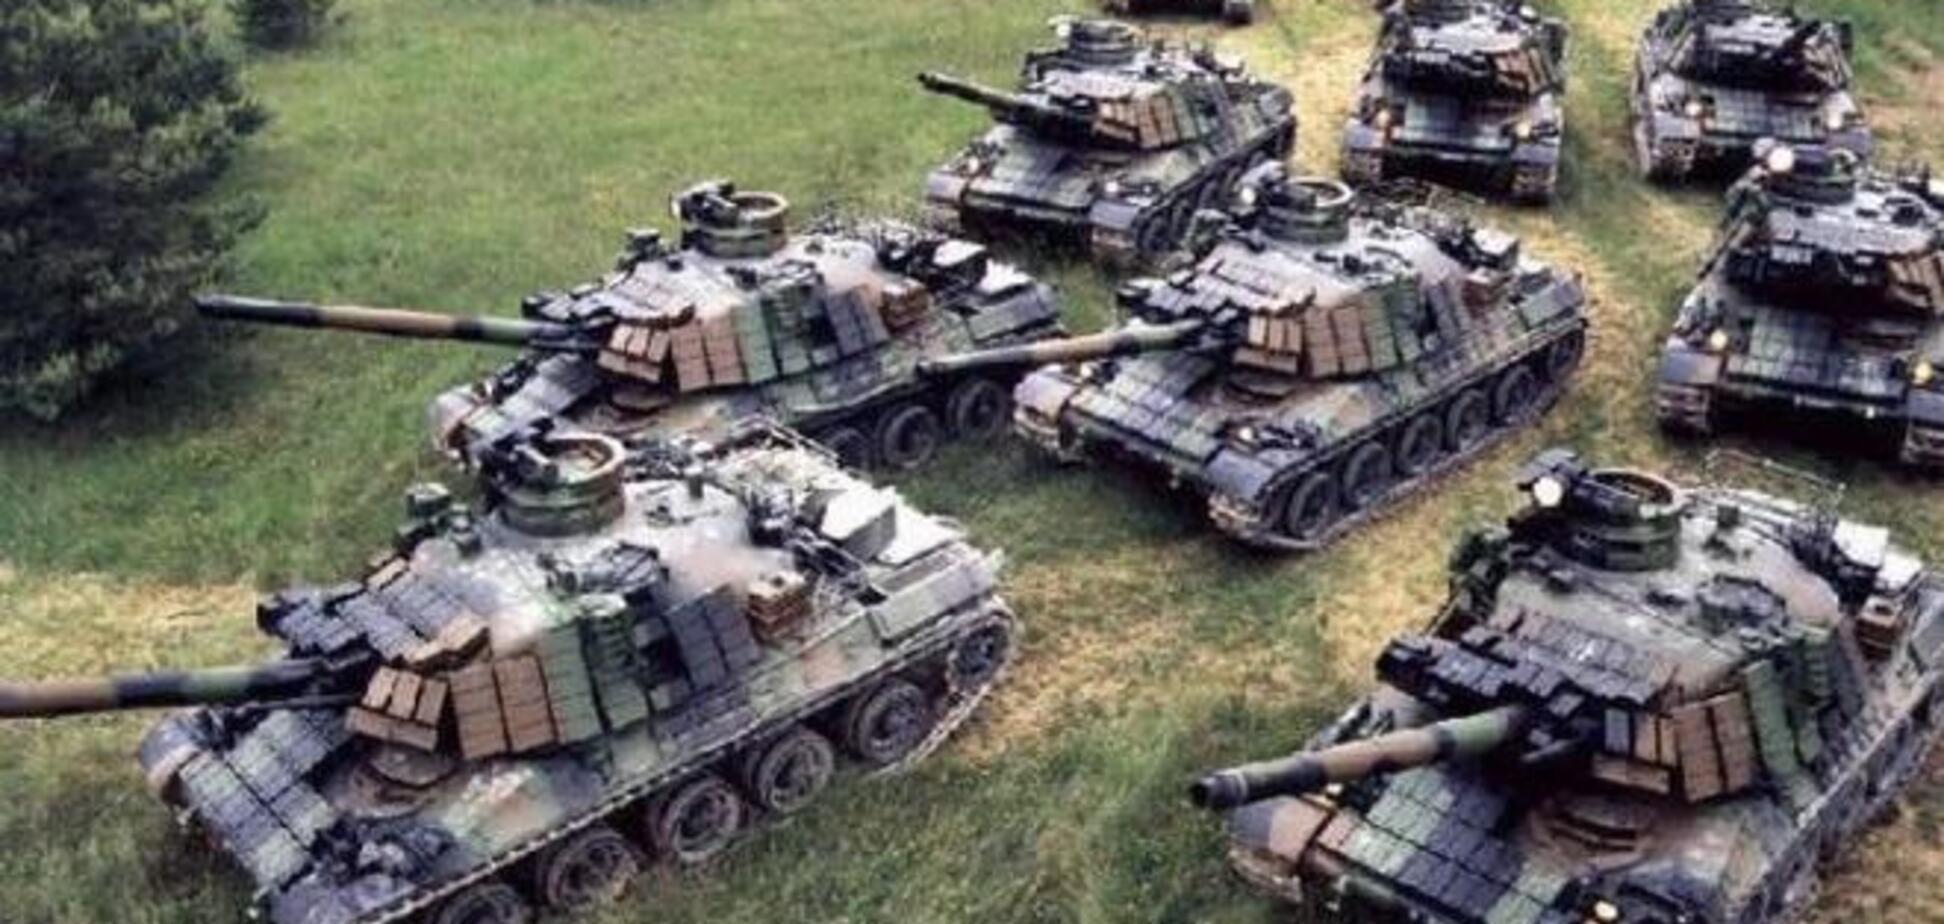 Боевиков 'ЛНР' и 'ДНР' за сутки усилили около 40 танками и более 60 единицами бронетехники